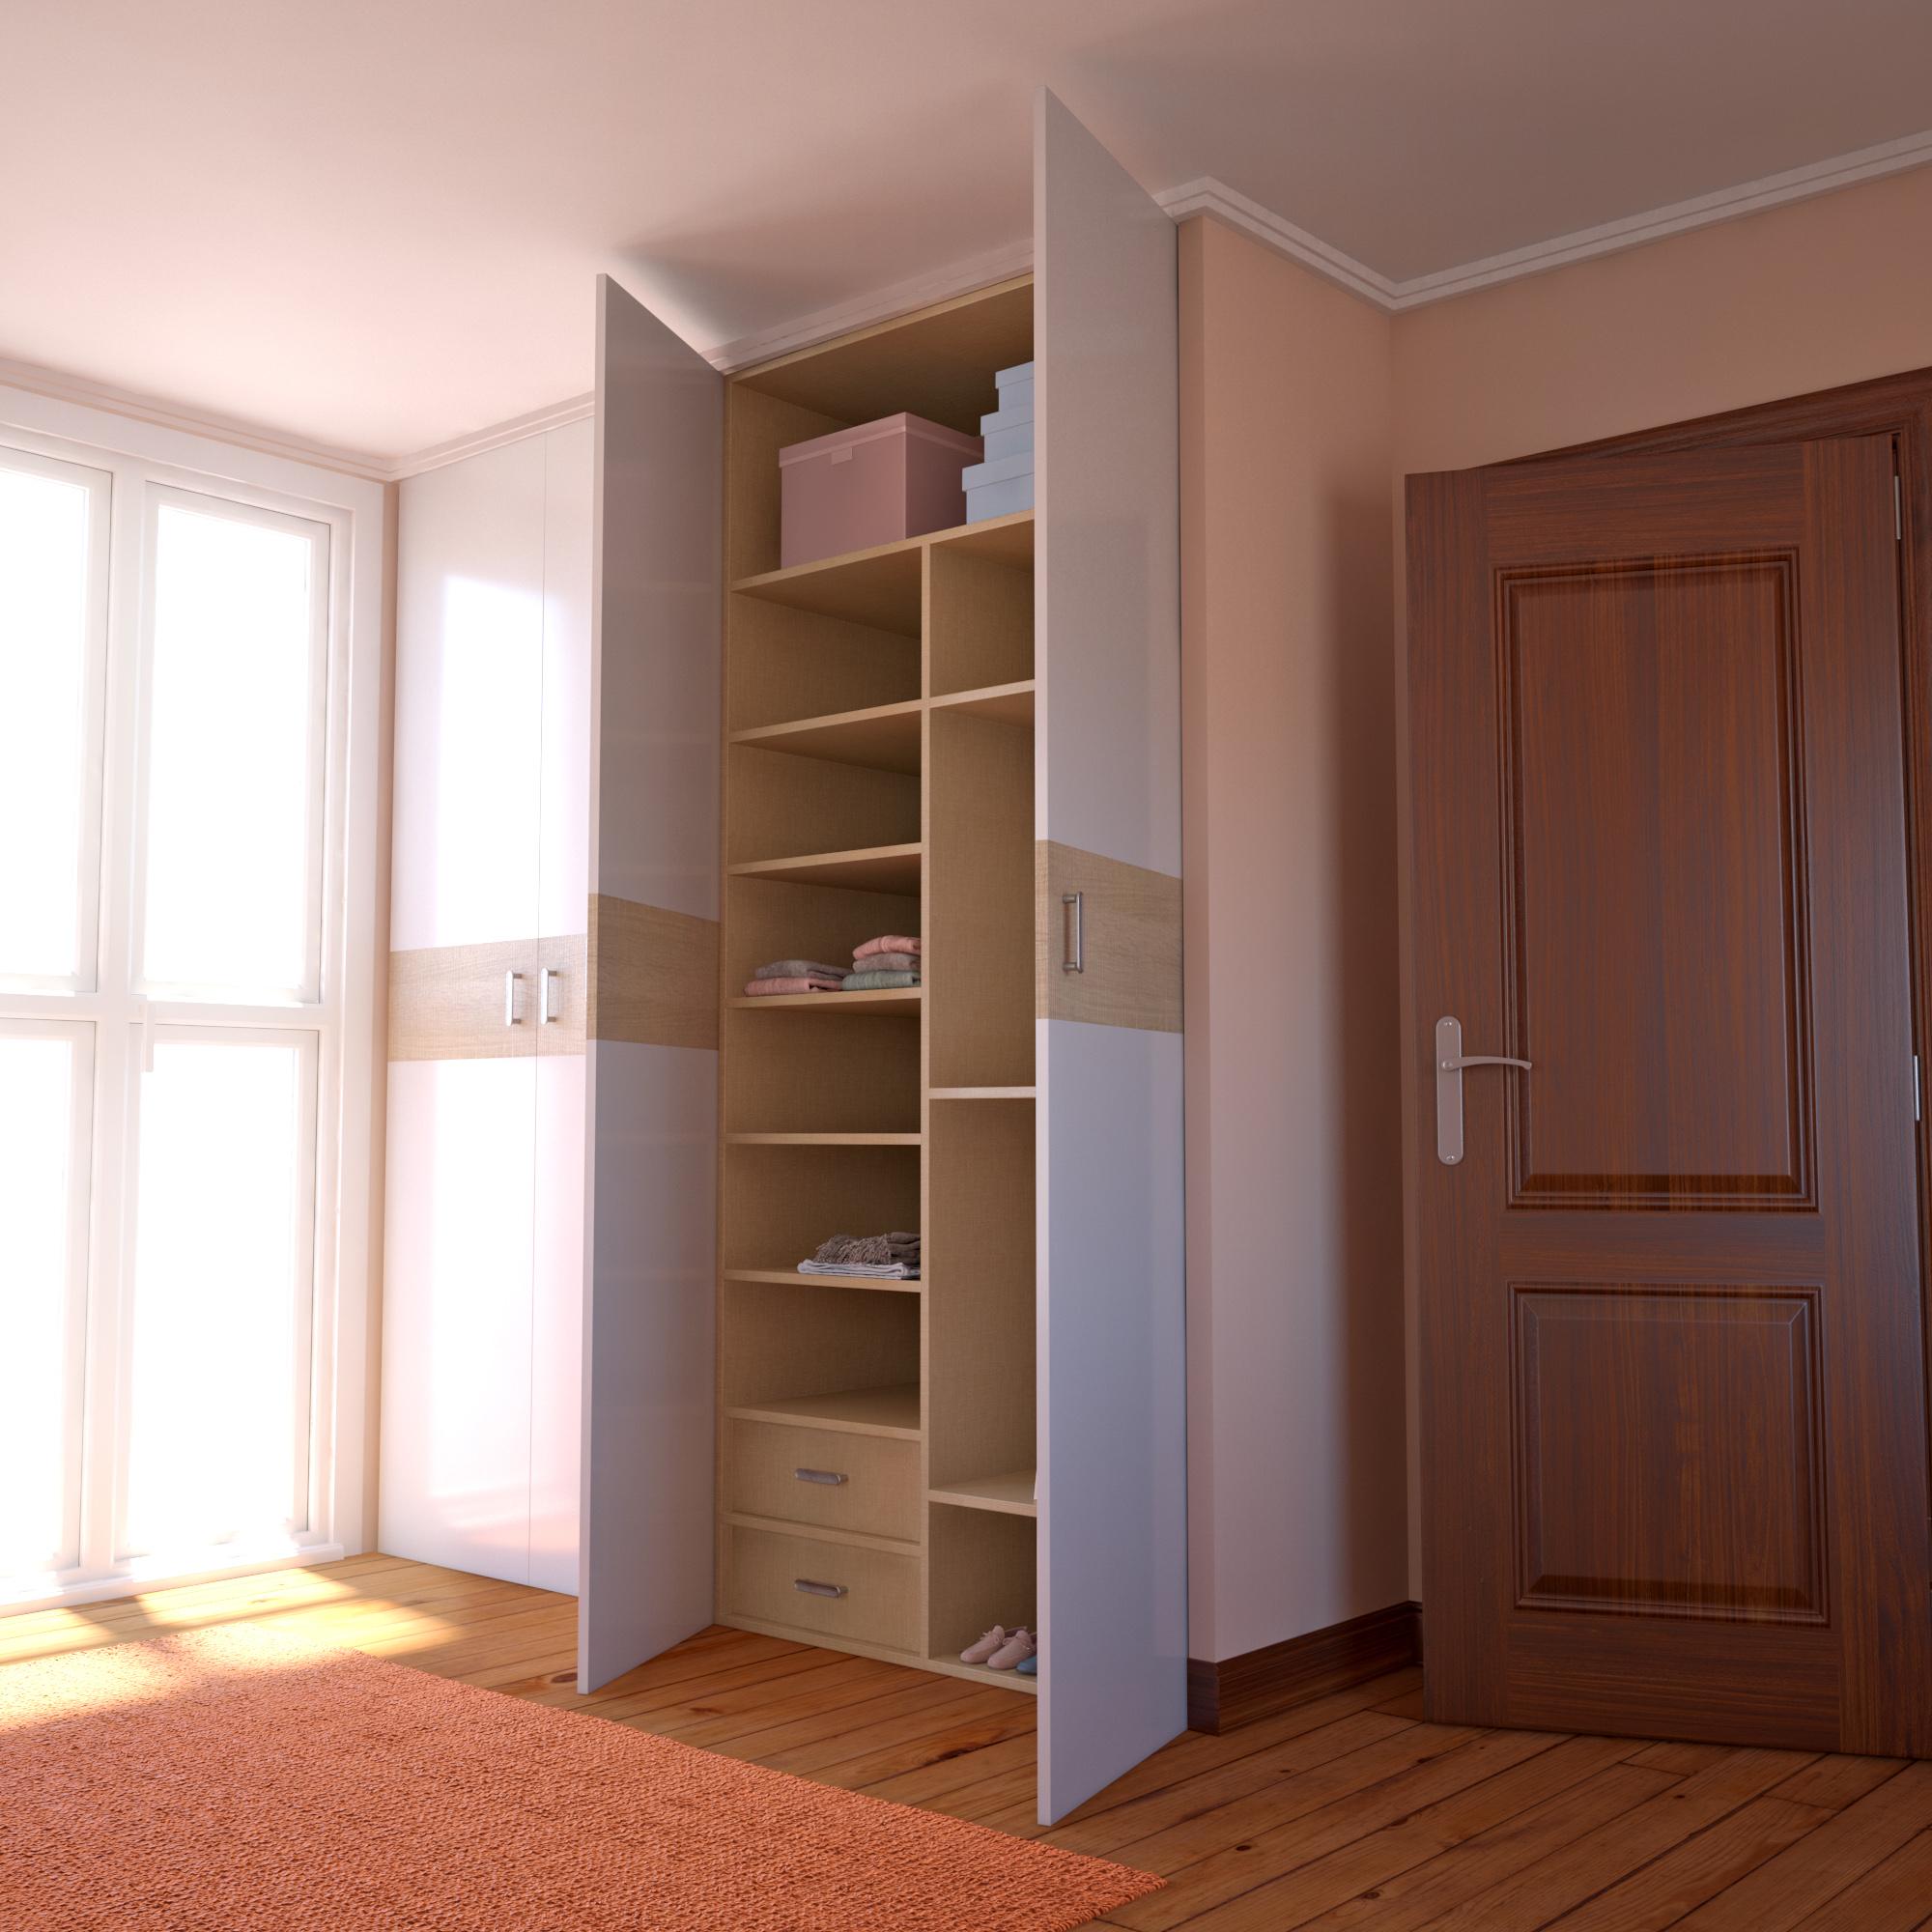 armario-lateral-abierto